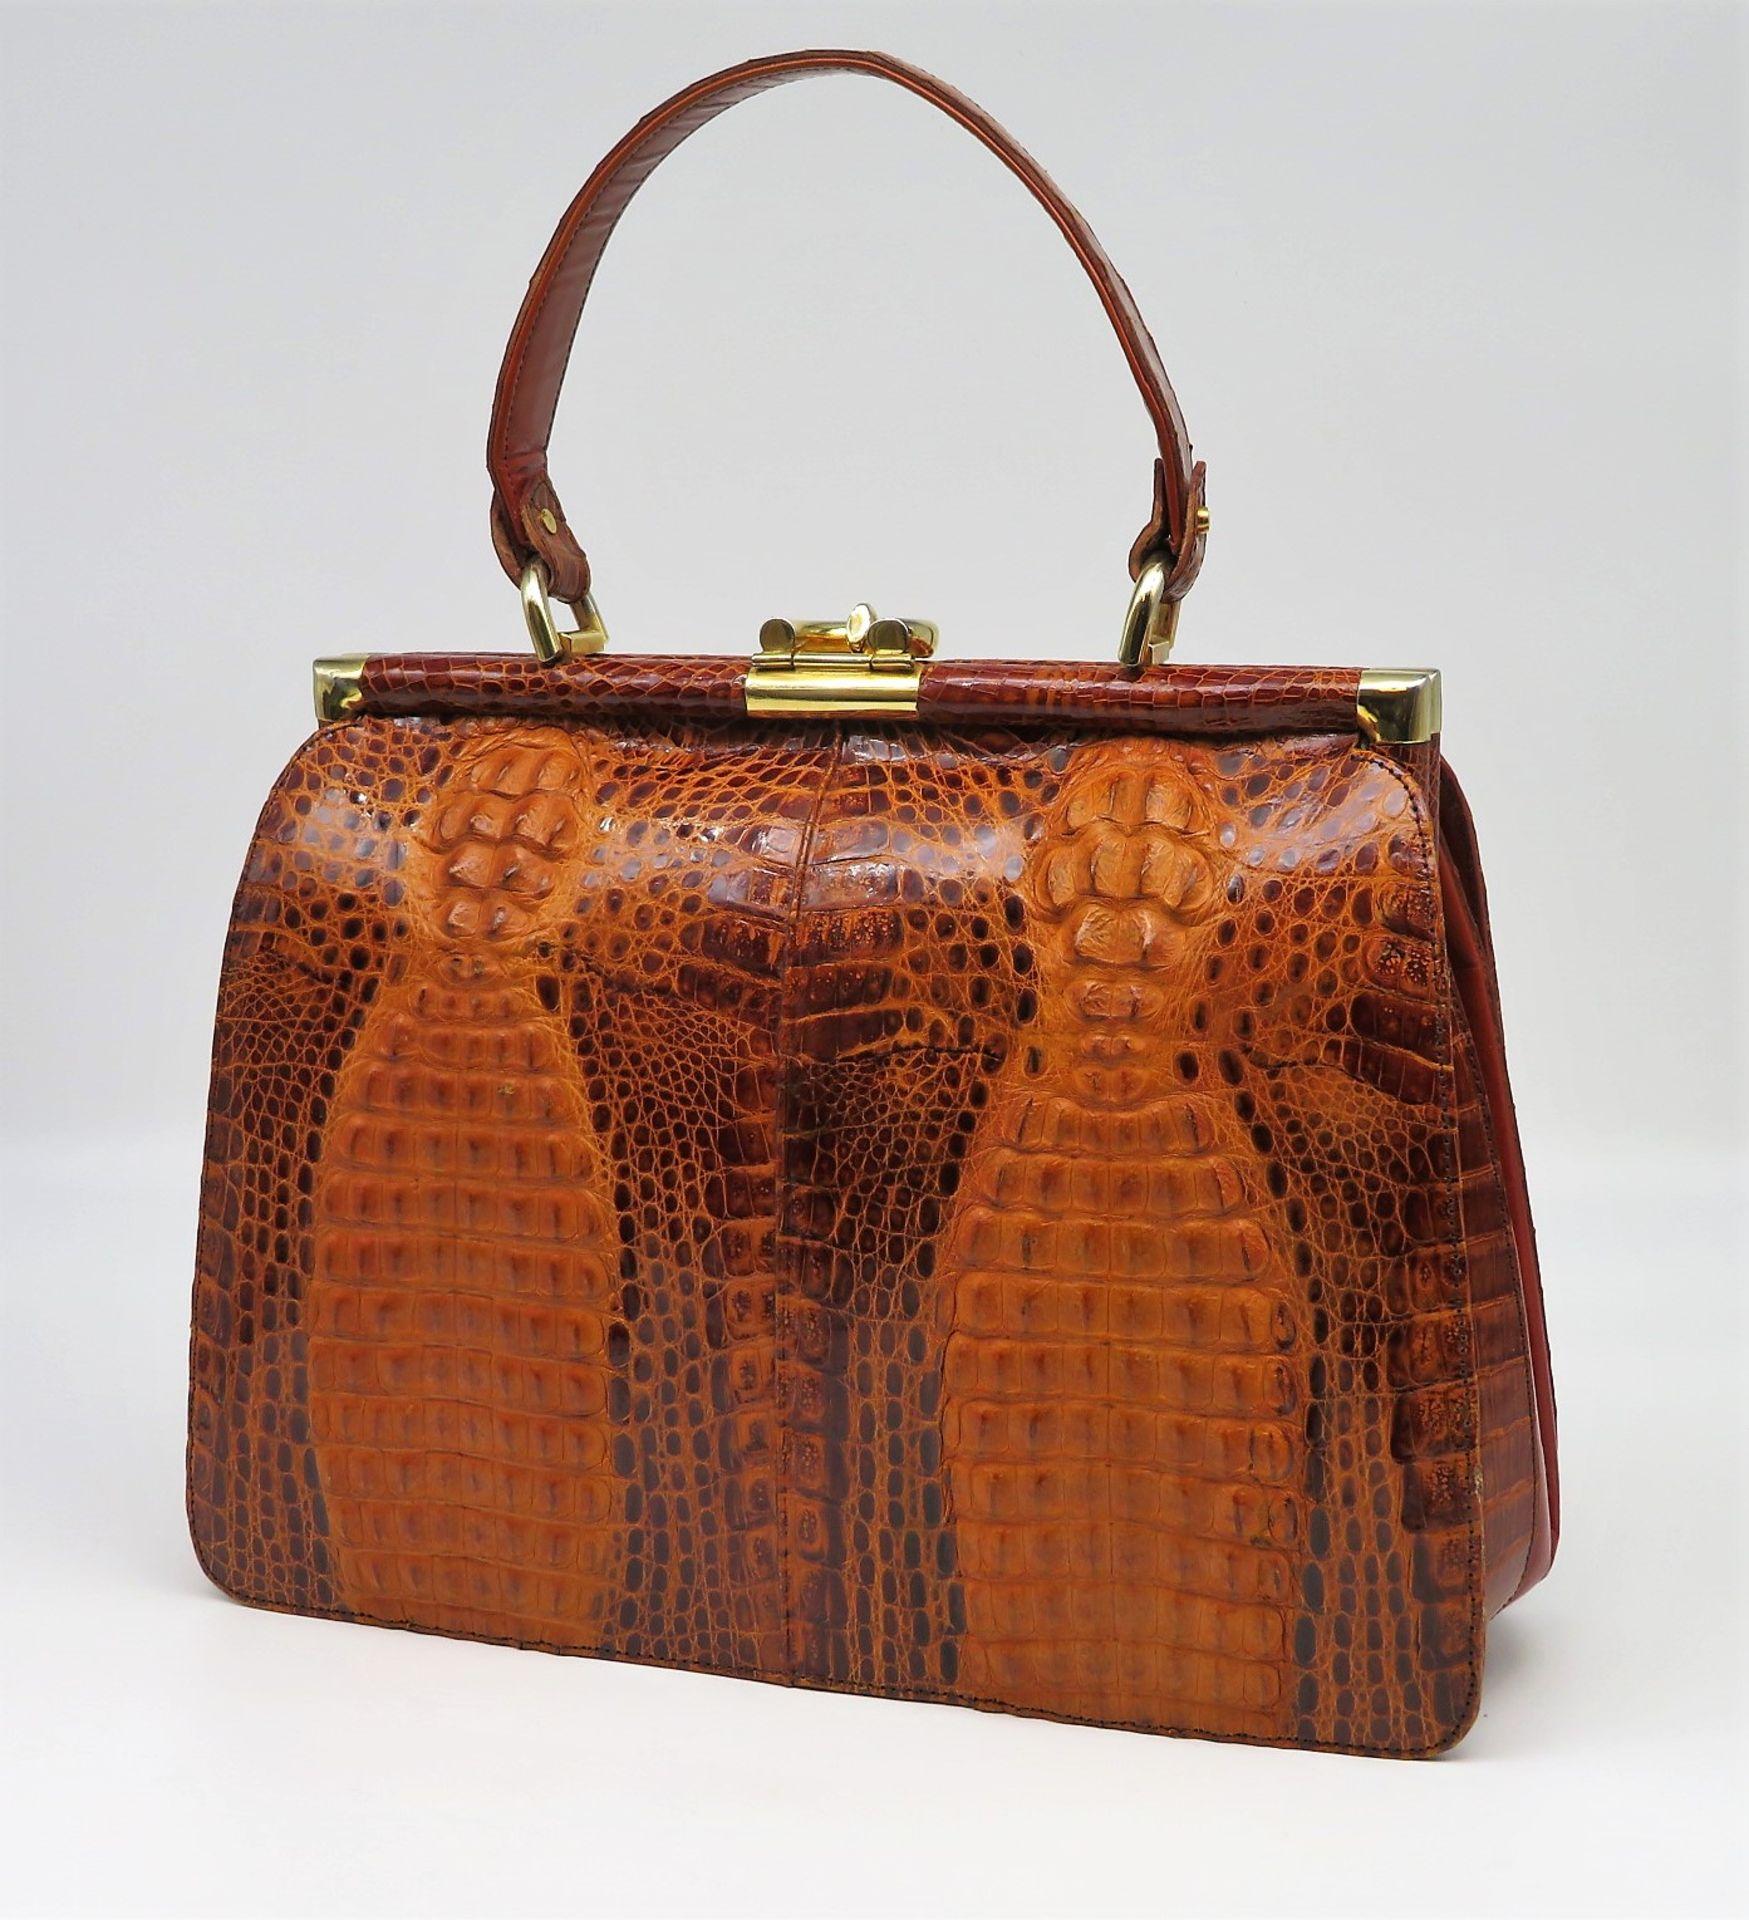 Vintage-Handtasche mit Geldbörse, 1960/70er Jahre, rotbraunes Krokodilleder, sehr guter Erhaltungsz